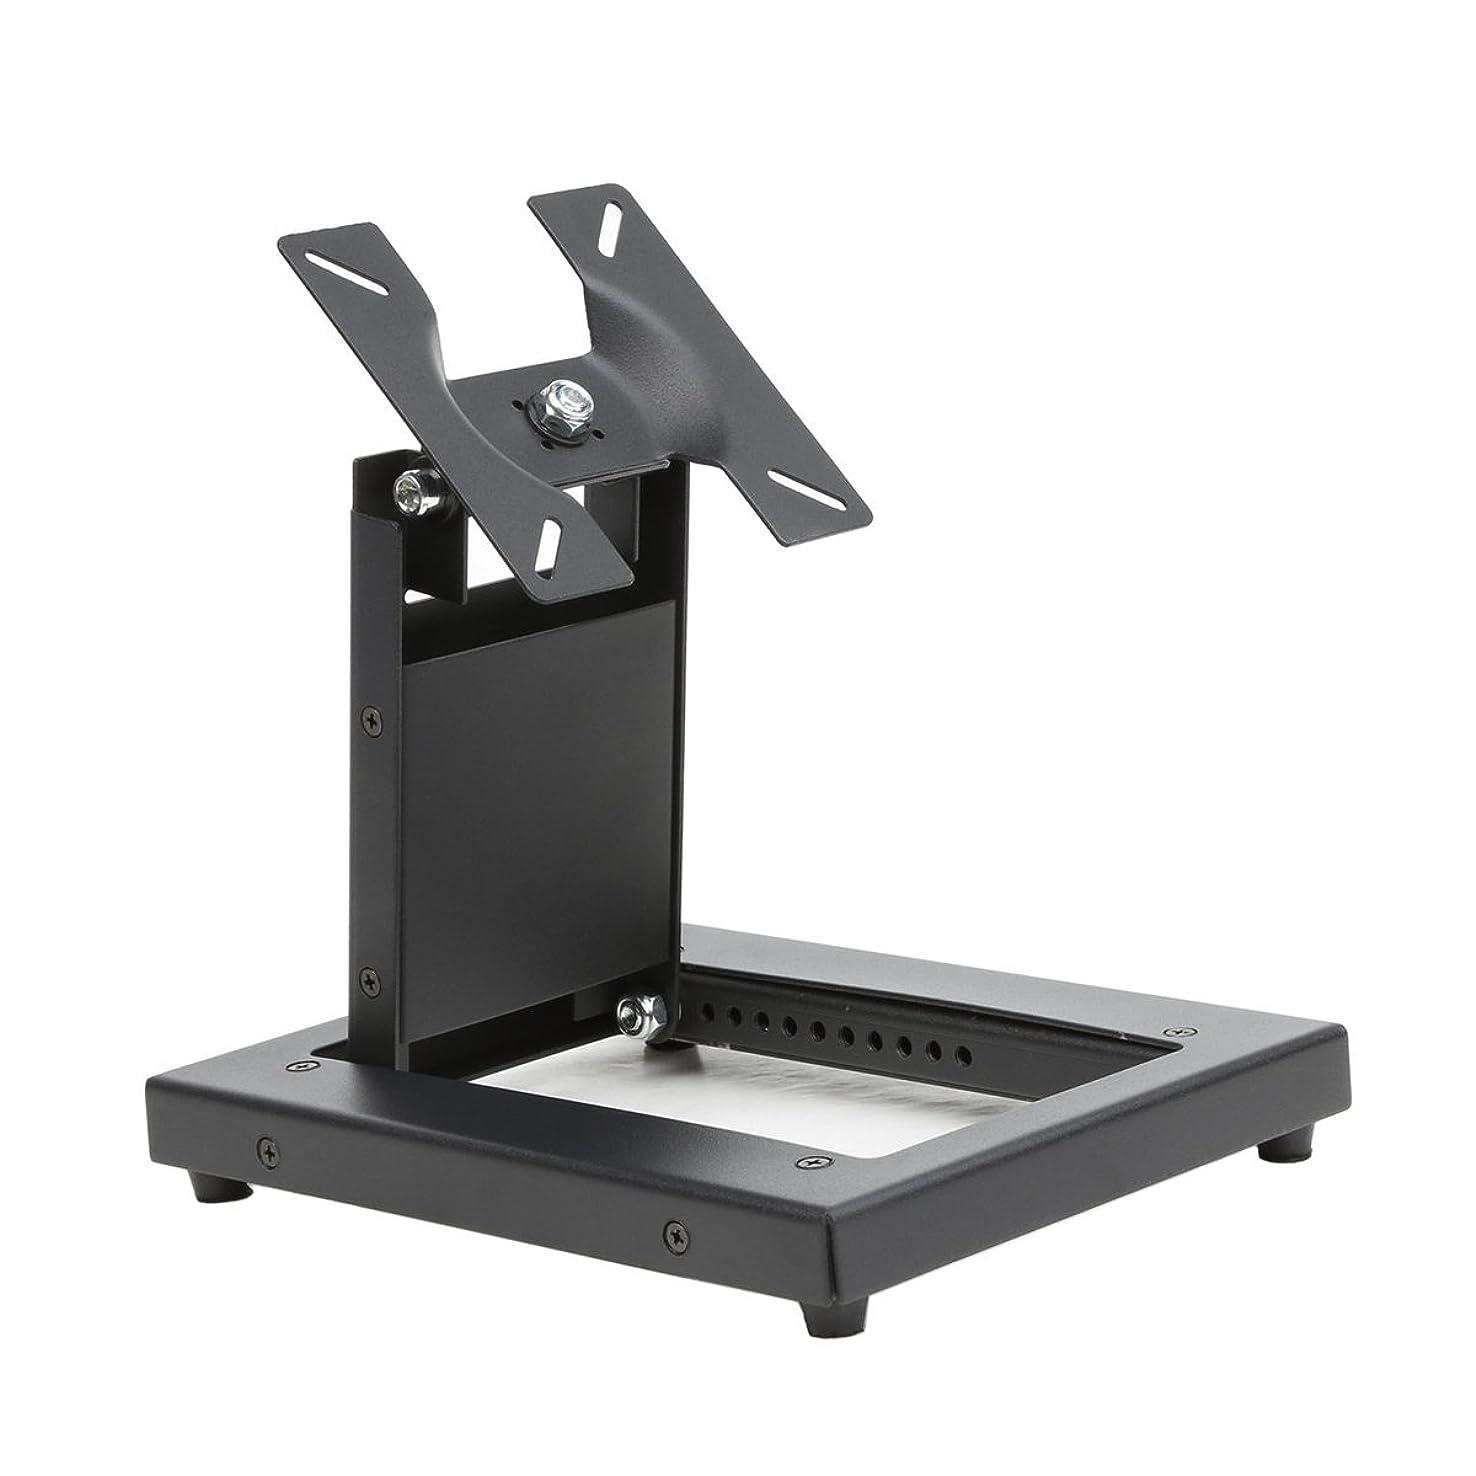 ゾーン原理にやにやWearson 液晶モニタースタンド金属製のLCD Monitor VESA Desk Stand Metal